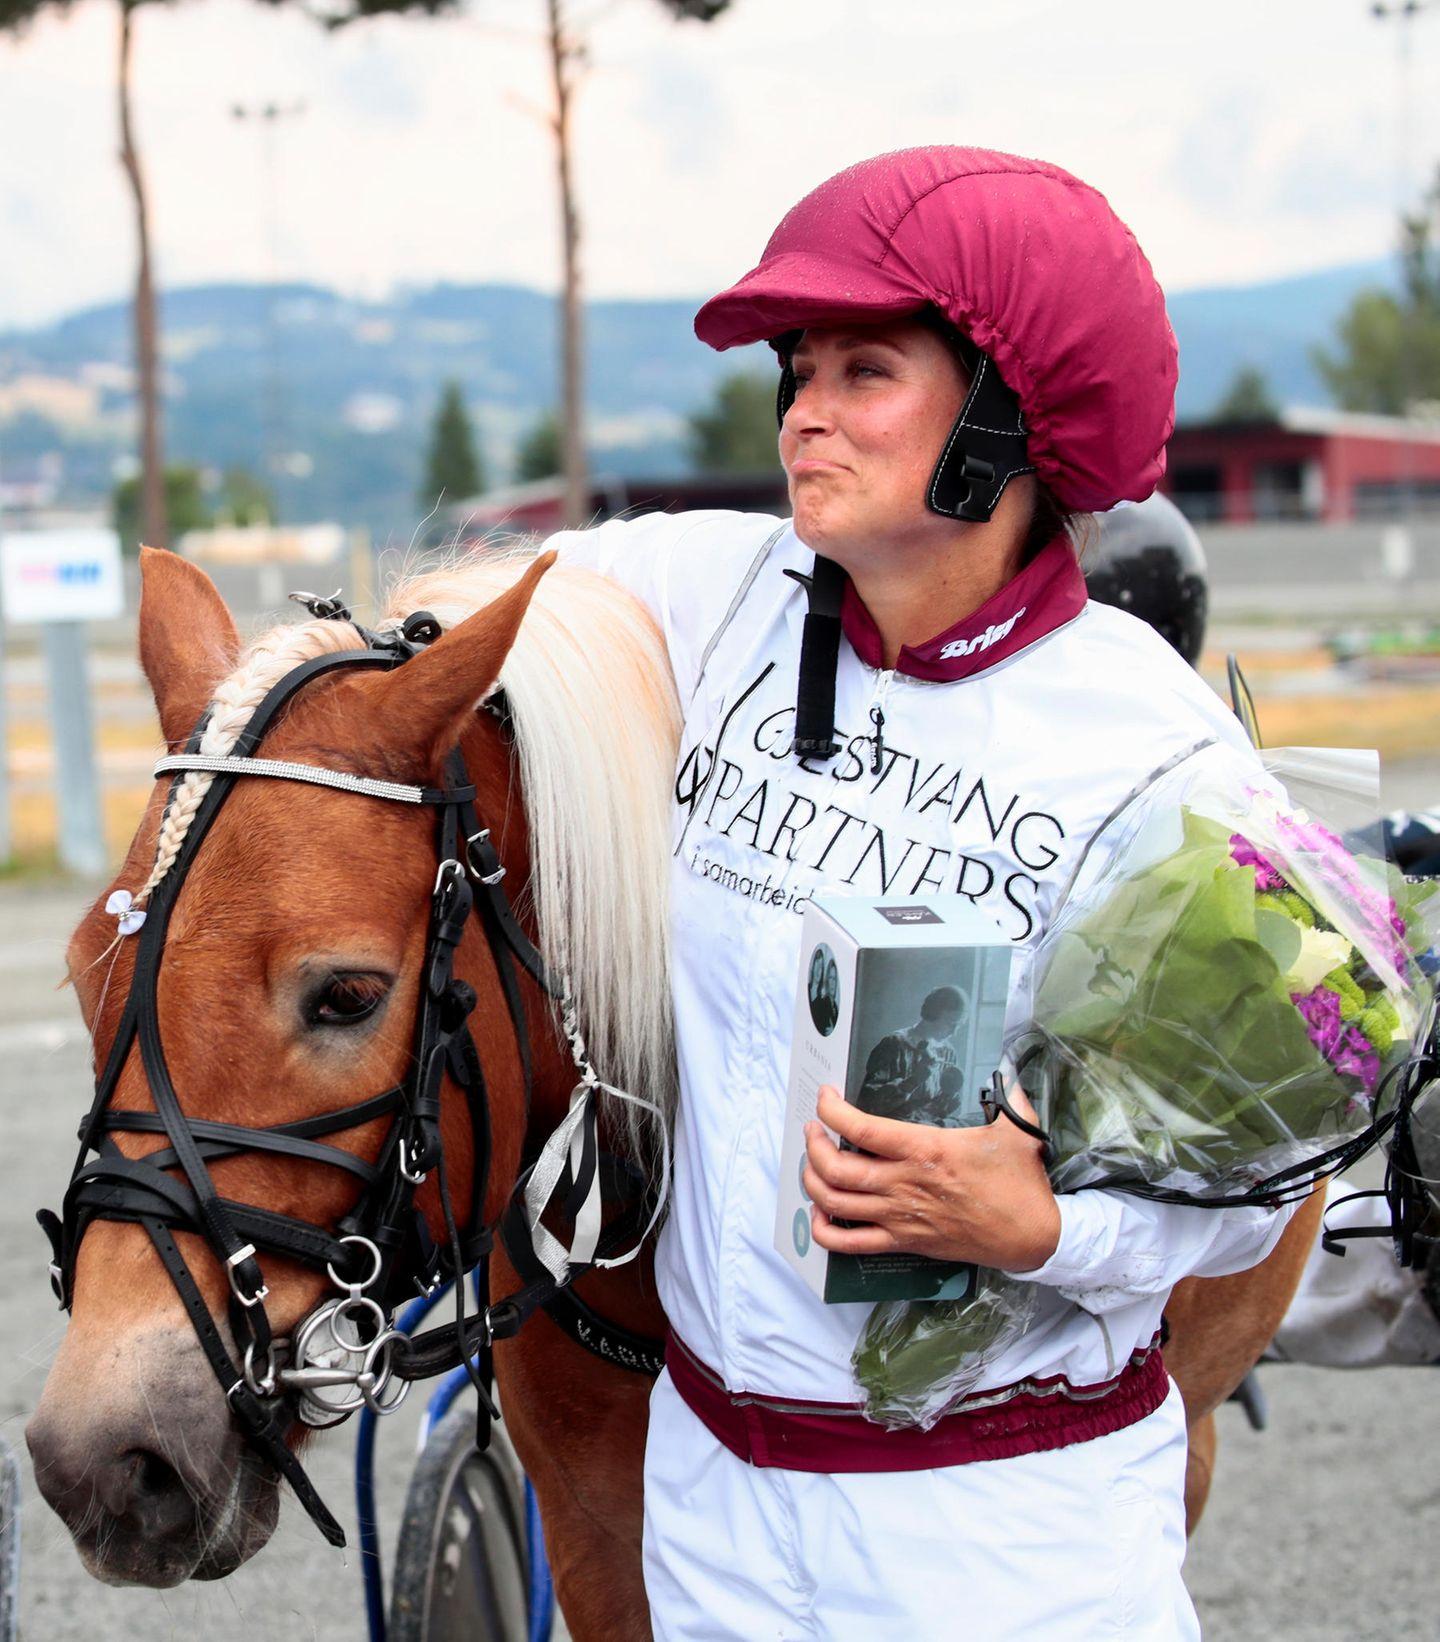 Doch trotz ihrer Erfahrung als Springreiterin und Pferdenärrin verliert sie das Trabrennen, da ihr Pony vor der Ziellinie zu galoppieren beginnt.